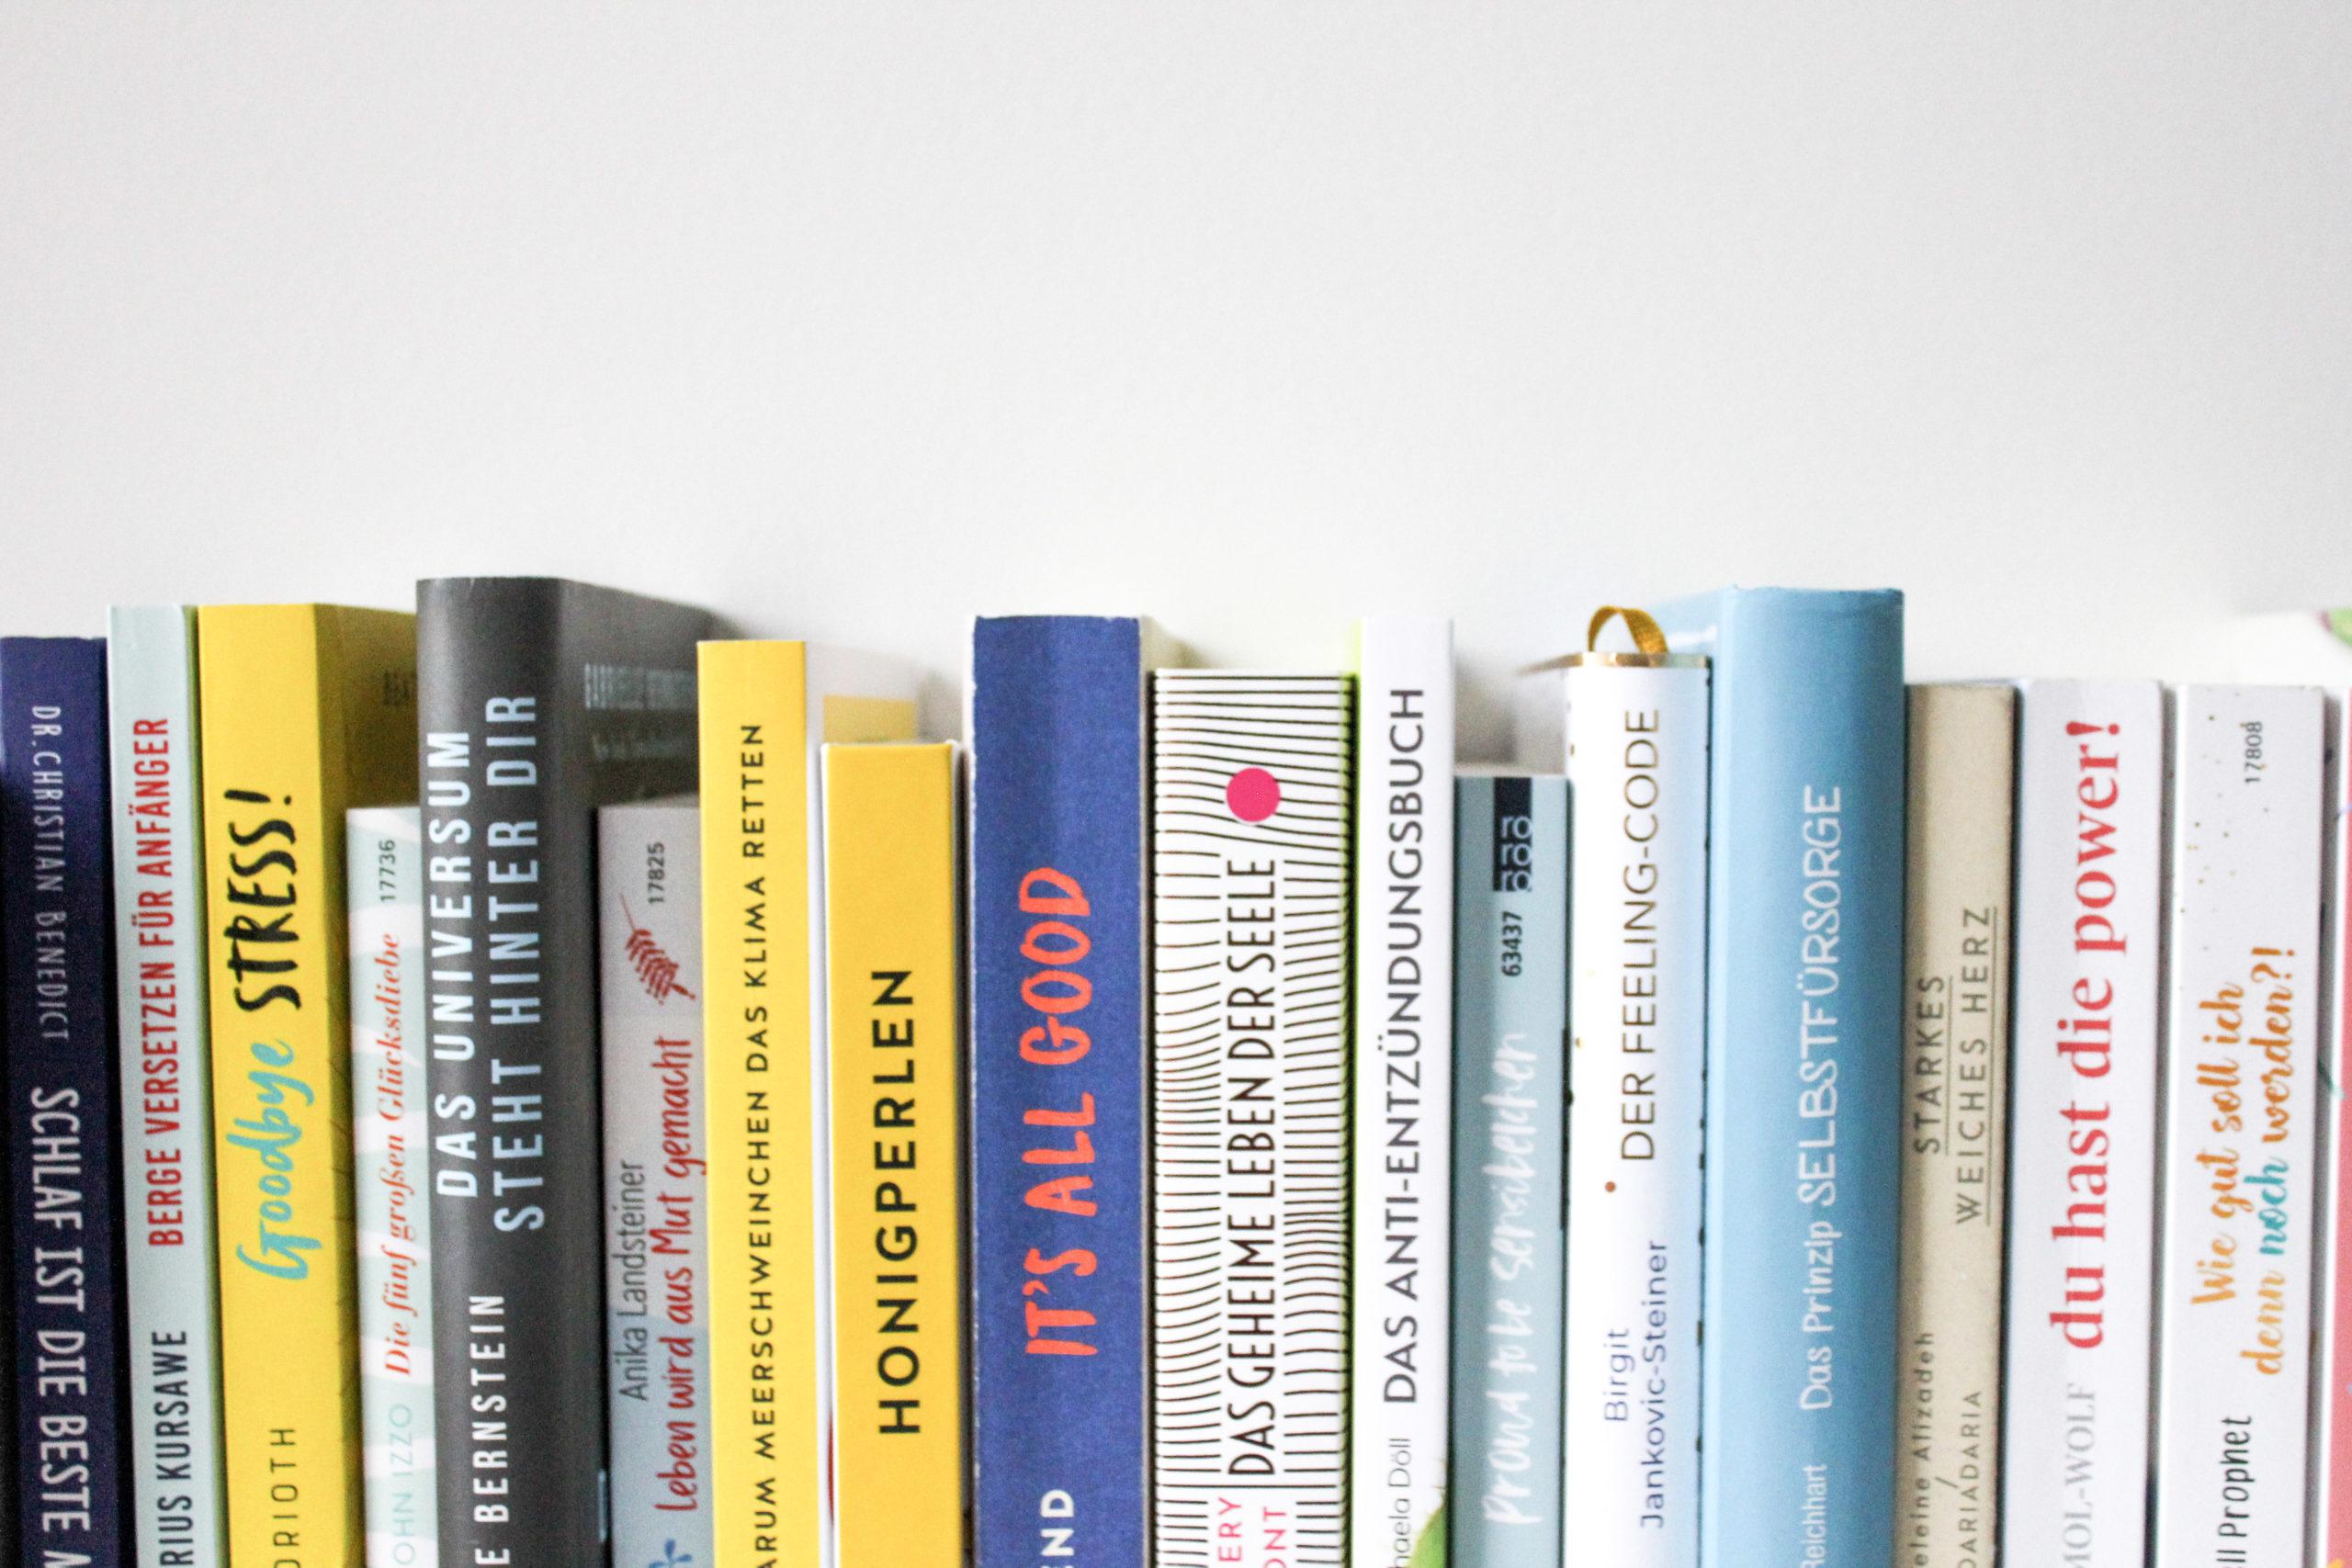 Unterschiedliche Sachbücher